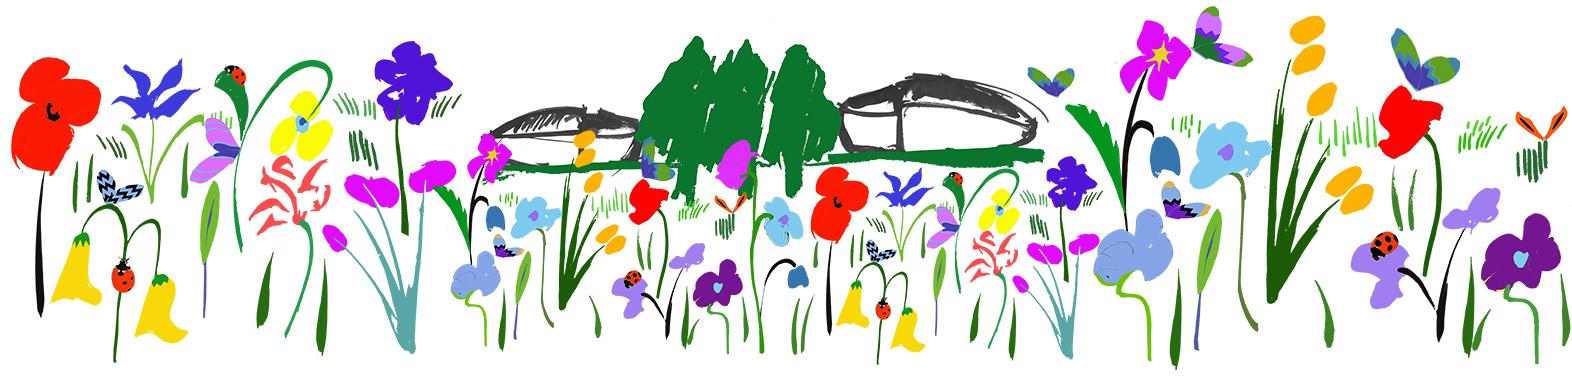 Rose Barni al Festival del verde e del paesaggio a Roma dal 19 al 21 Maggio